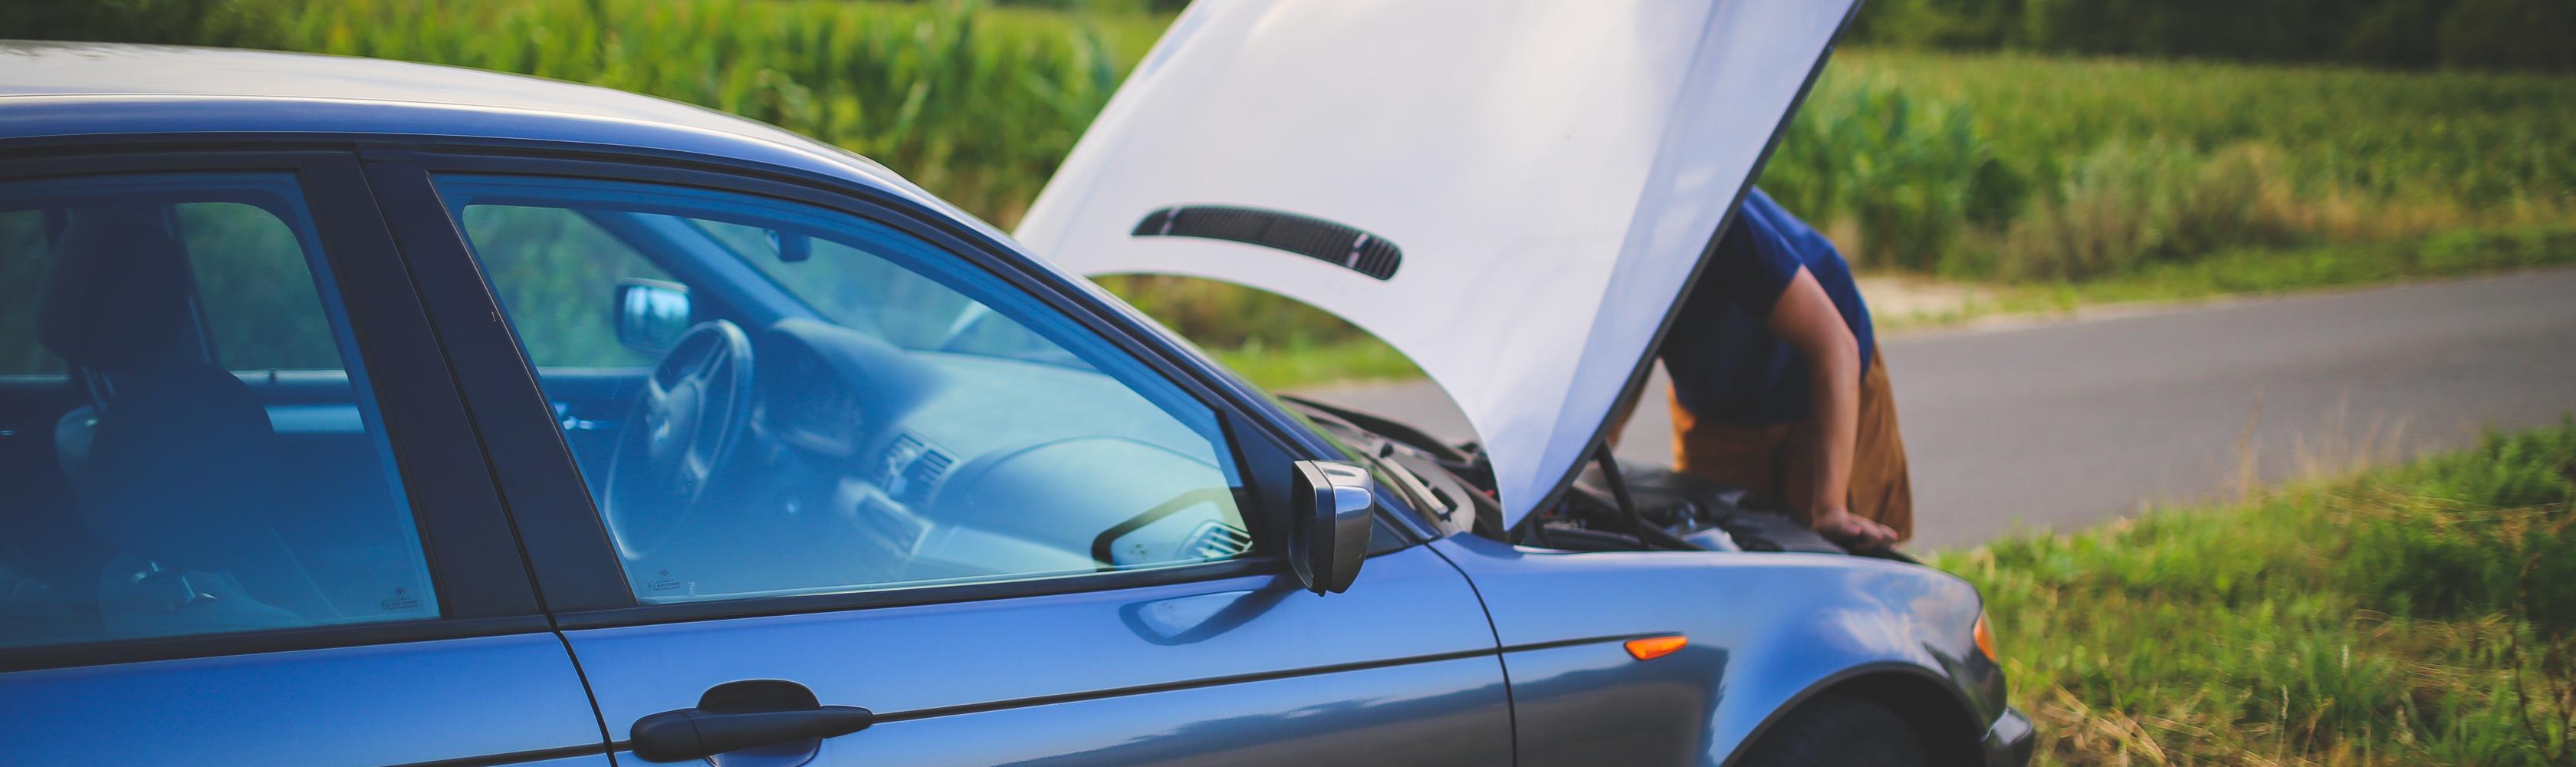 Blijf zonder zorgen rijden met de mobiliteitsgarantie